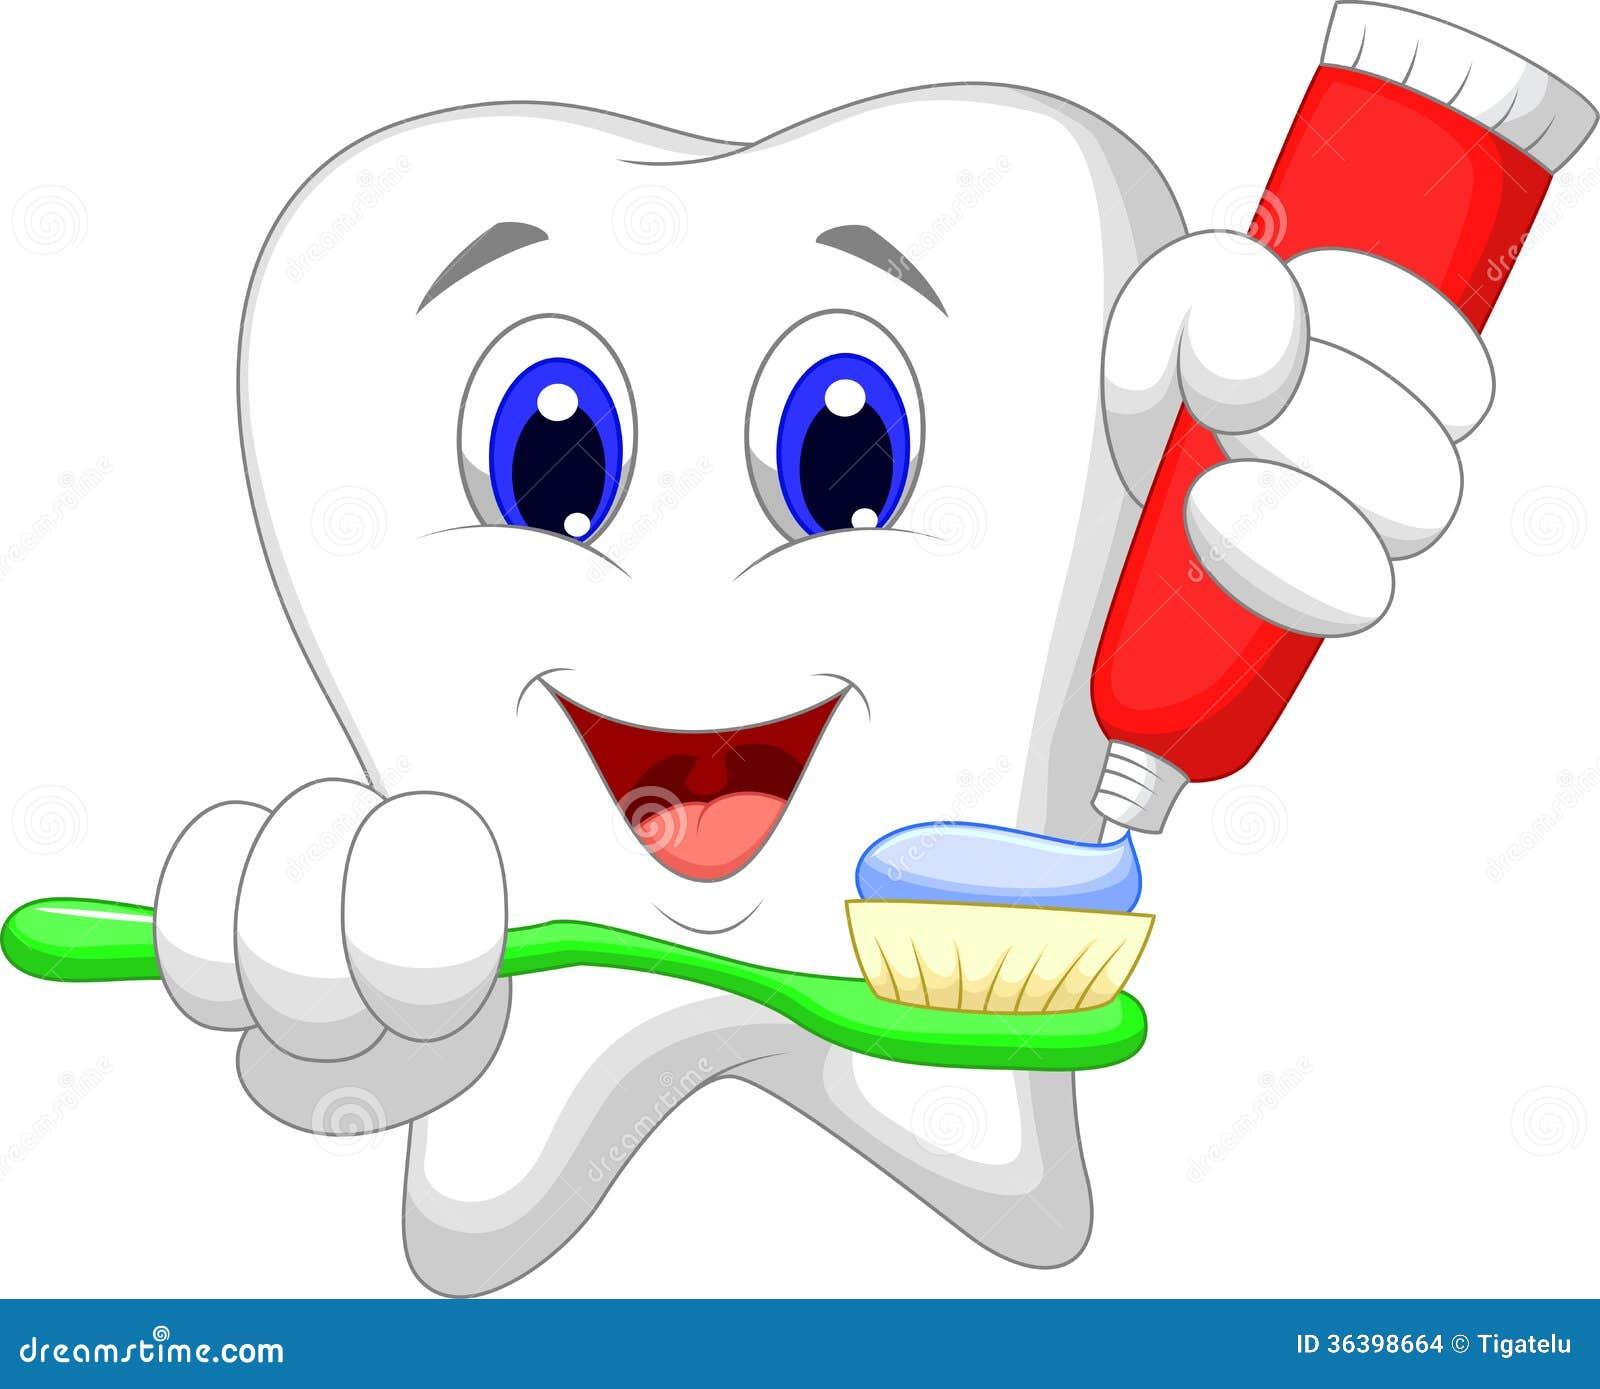 De bande dessin e de dent mettant la p te dentifrice sur - Dessin de dent ...